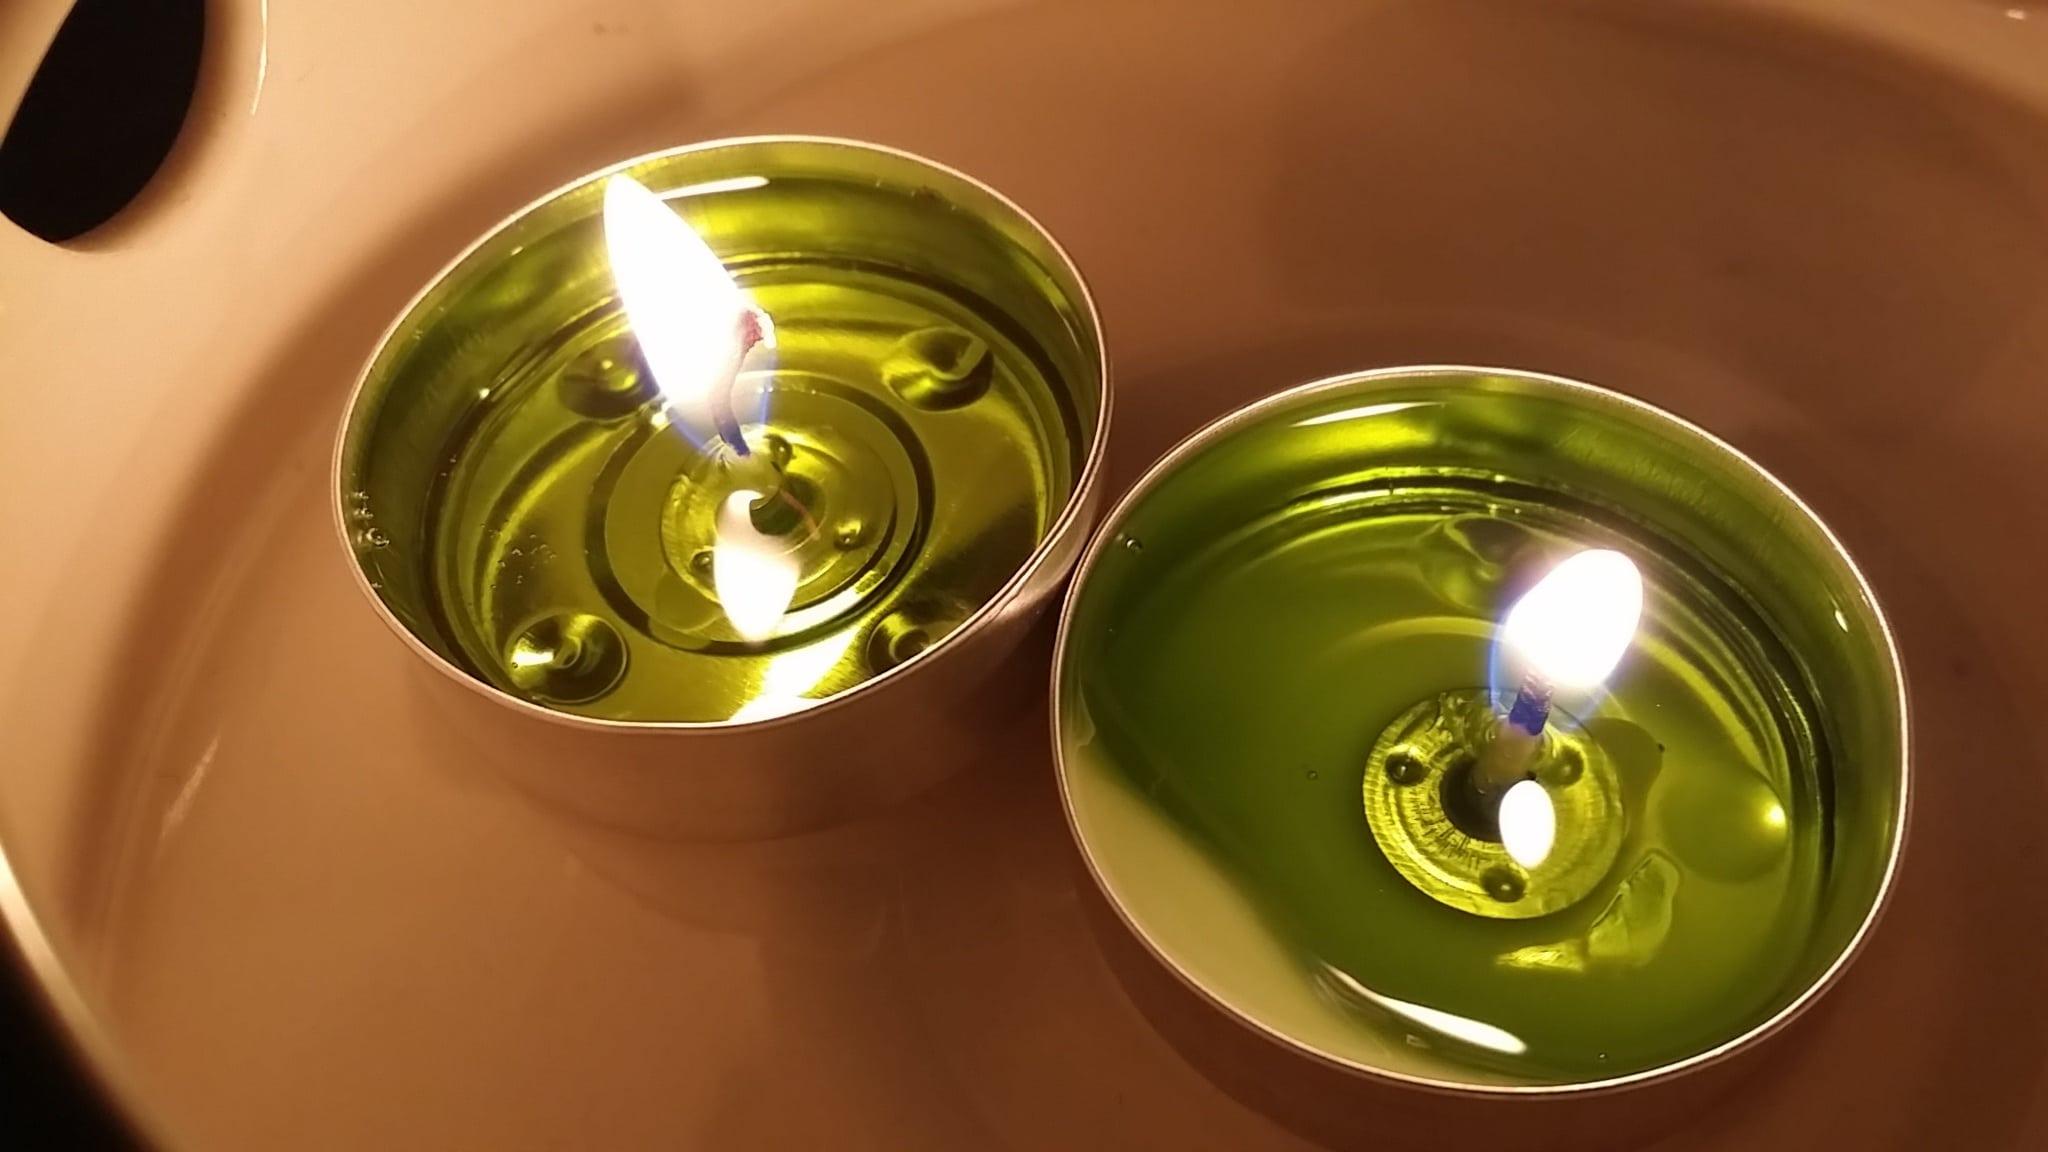 el significado de las velas verdes